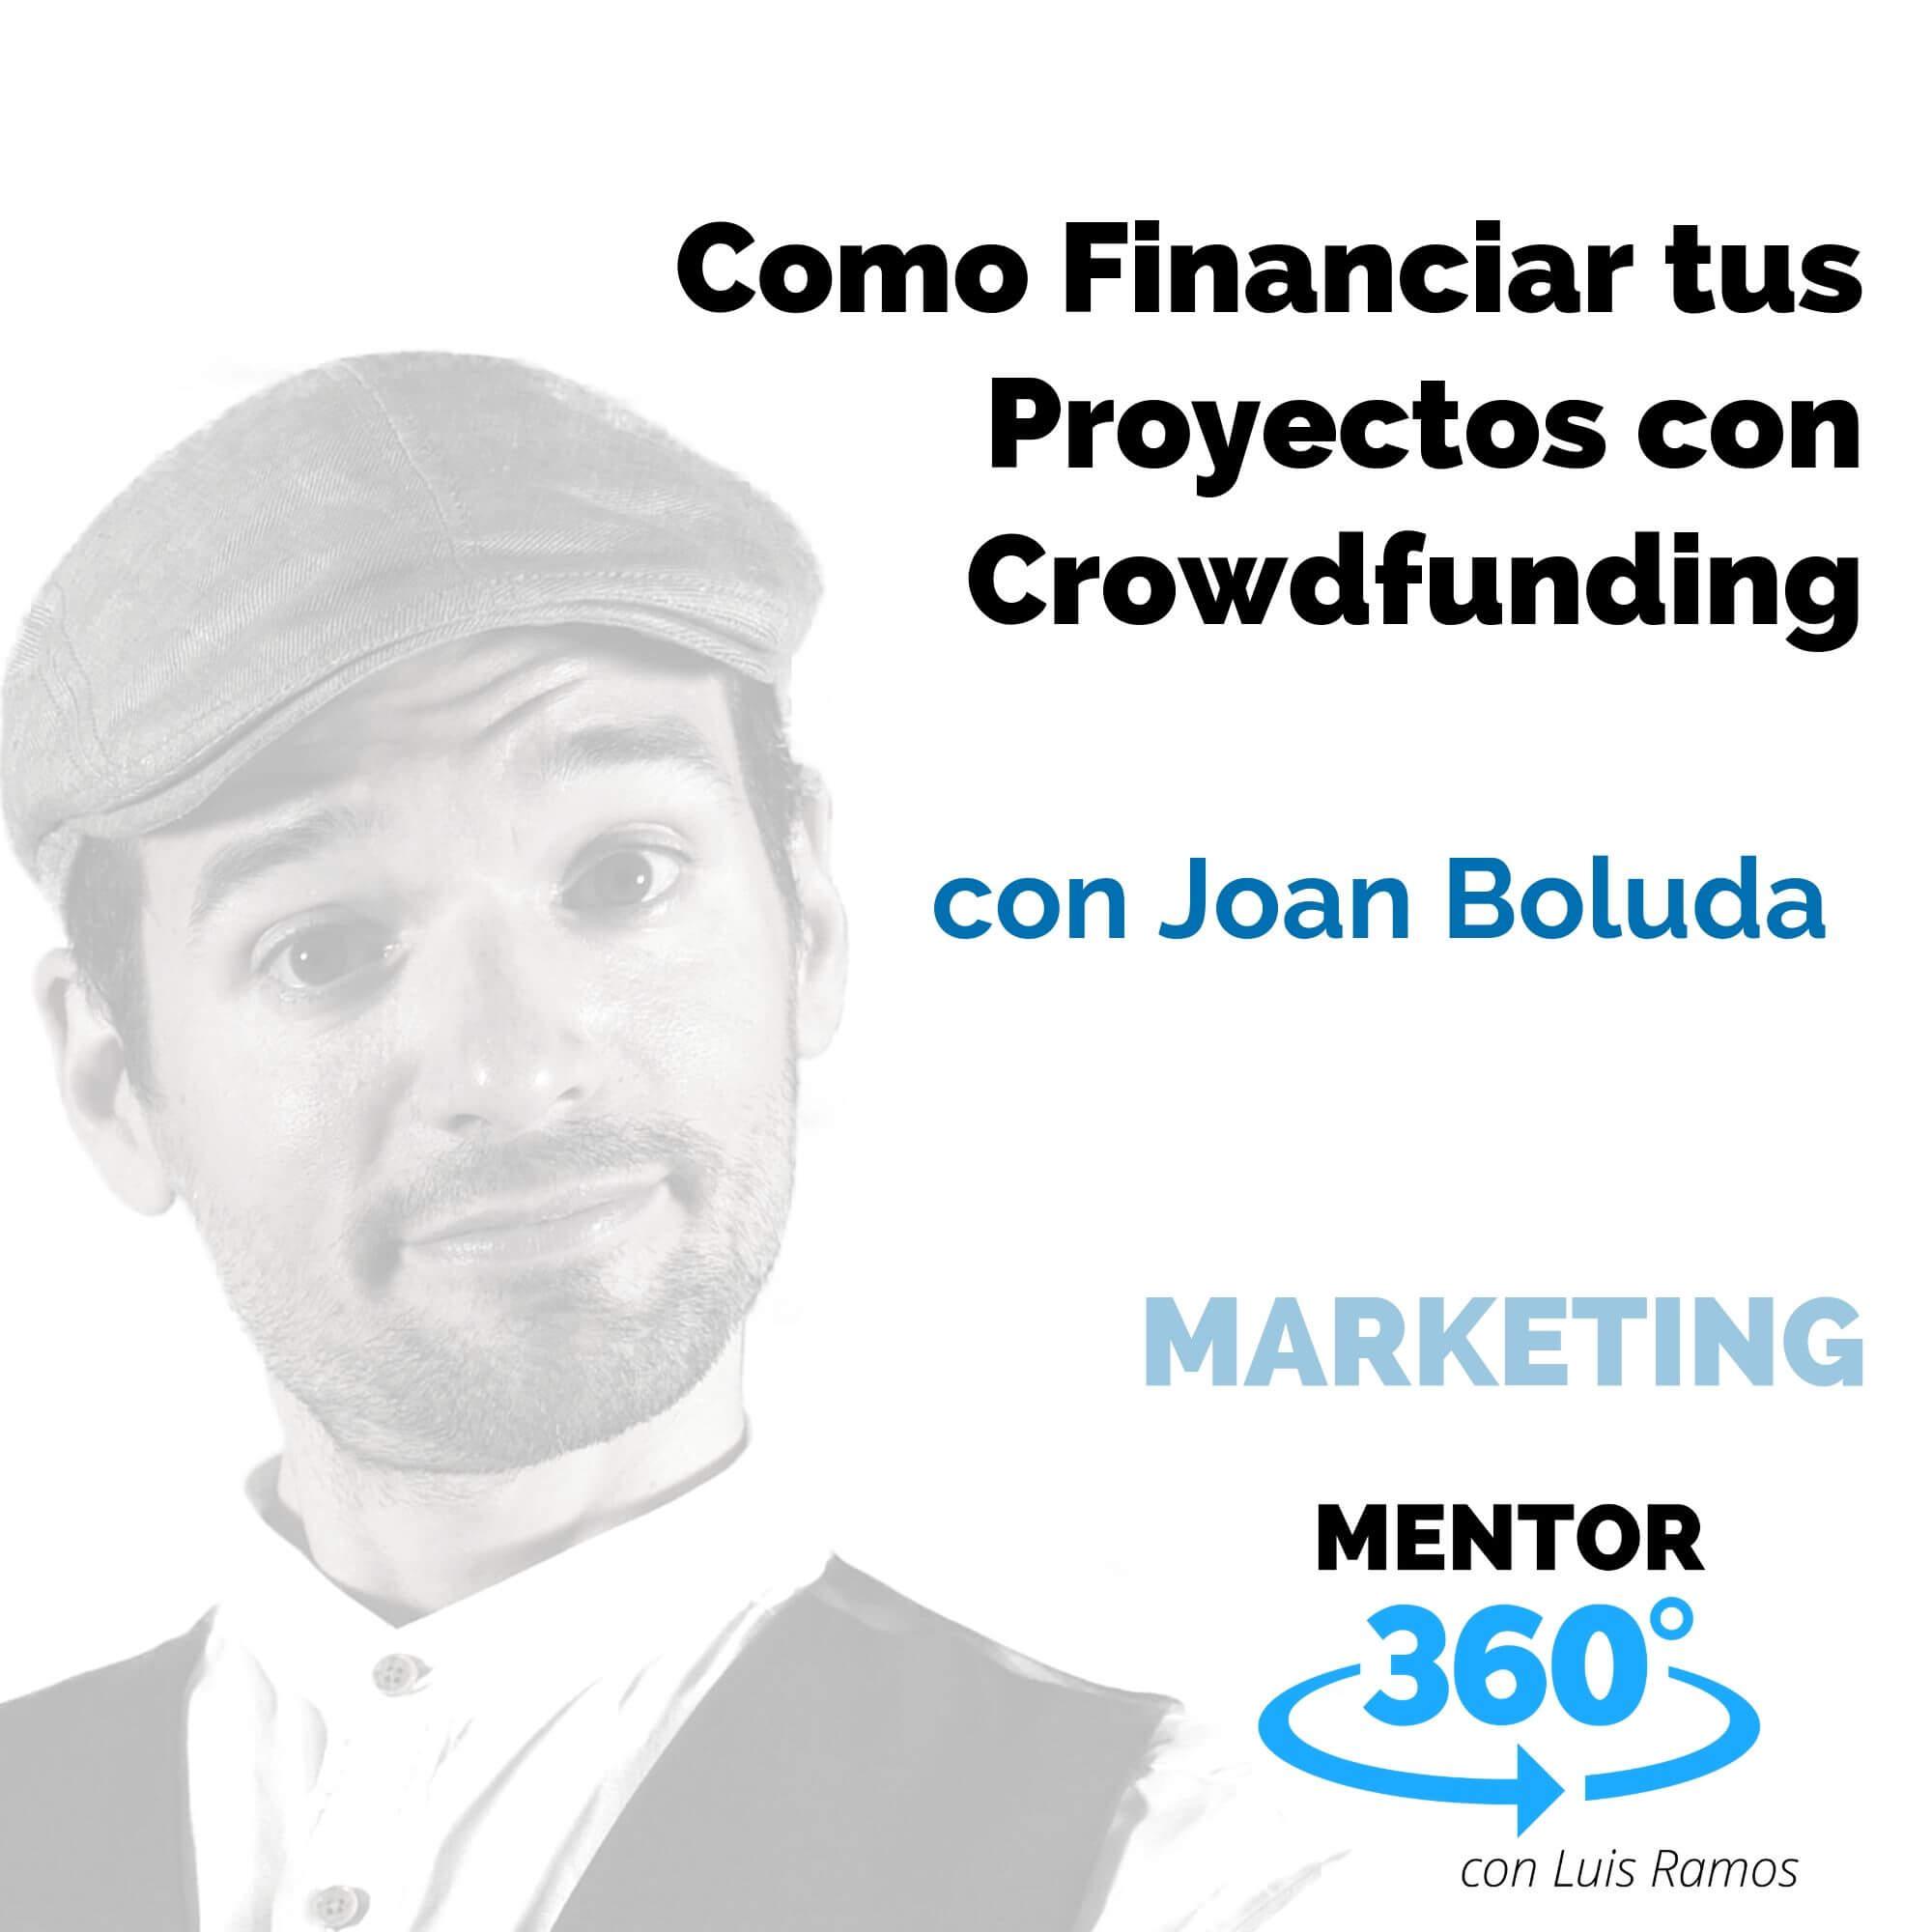 Como Financiar tus Proyectos con Crowdfunding, con Joan Boluda - MARKETING